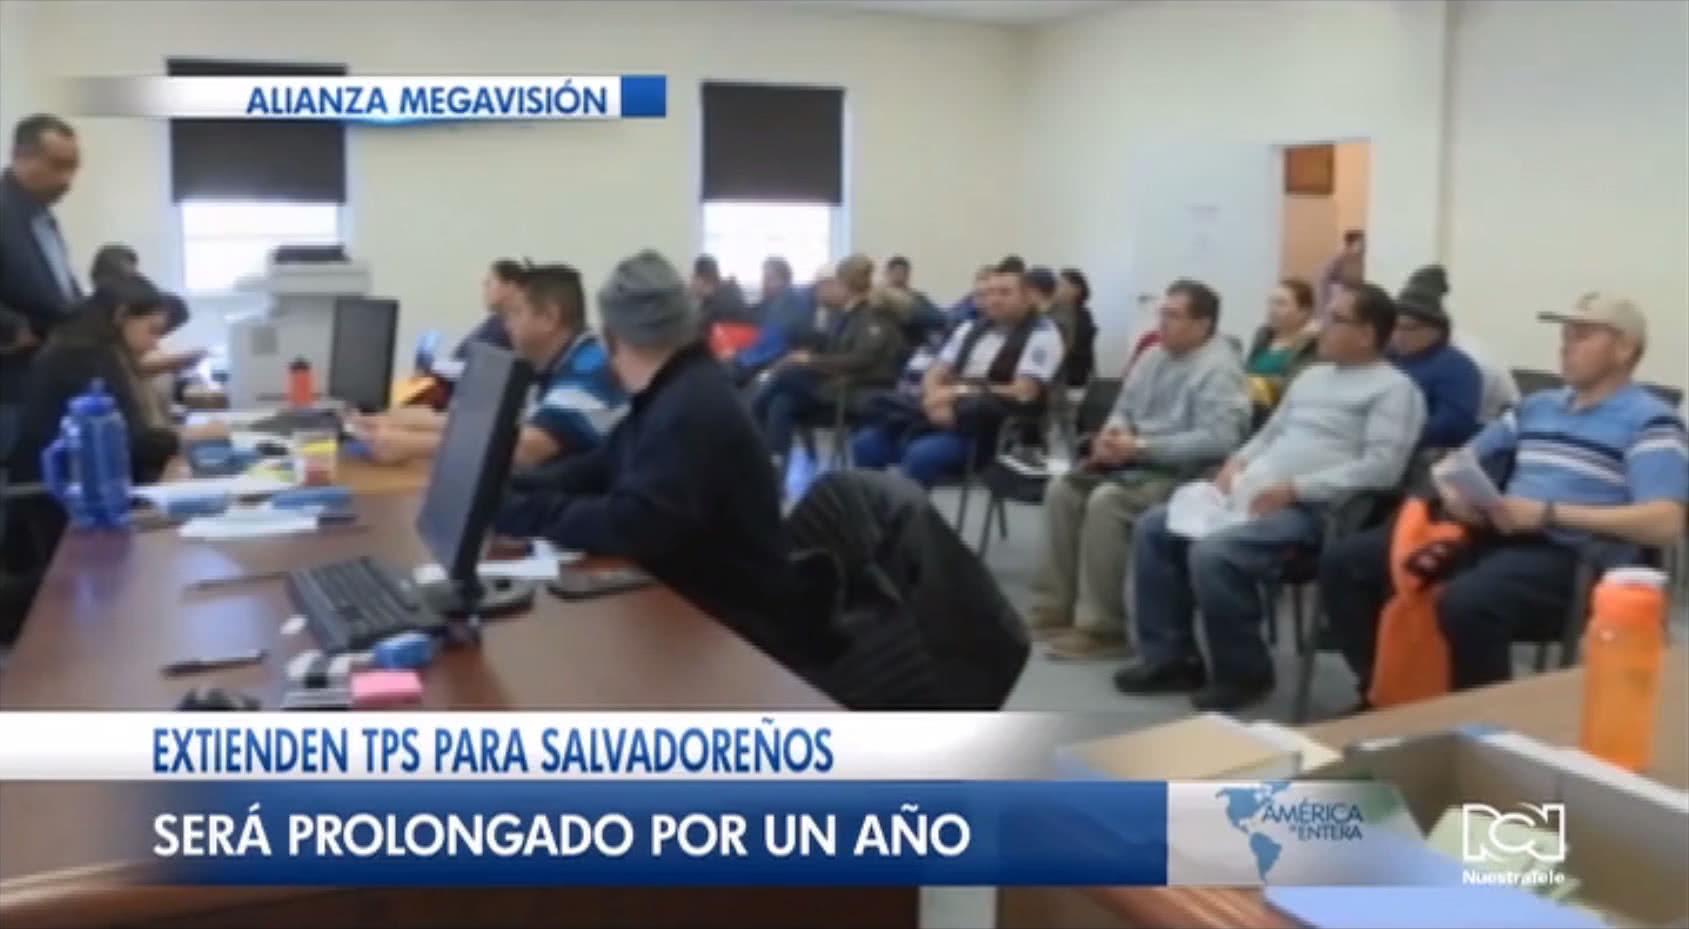 Estados Unidos extiende por un año más el beneficio del TPS para salvadoreños